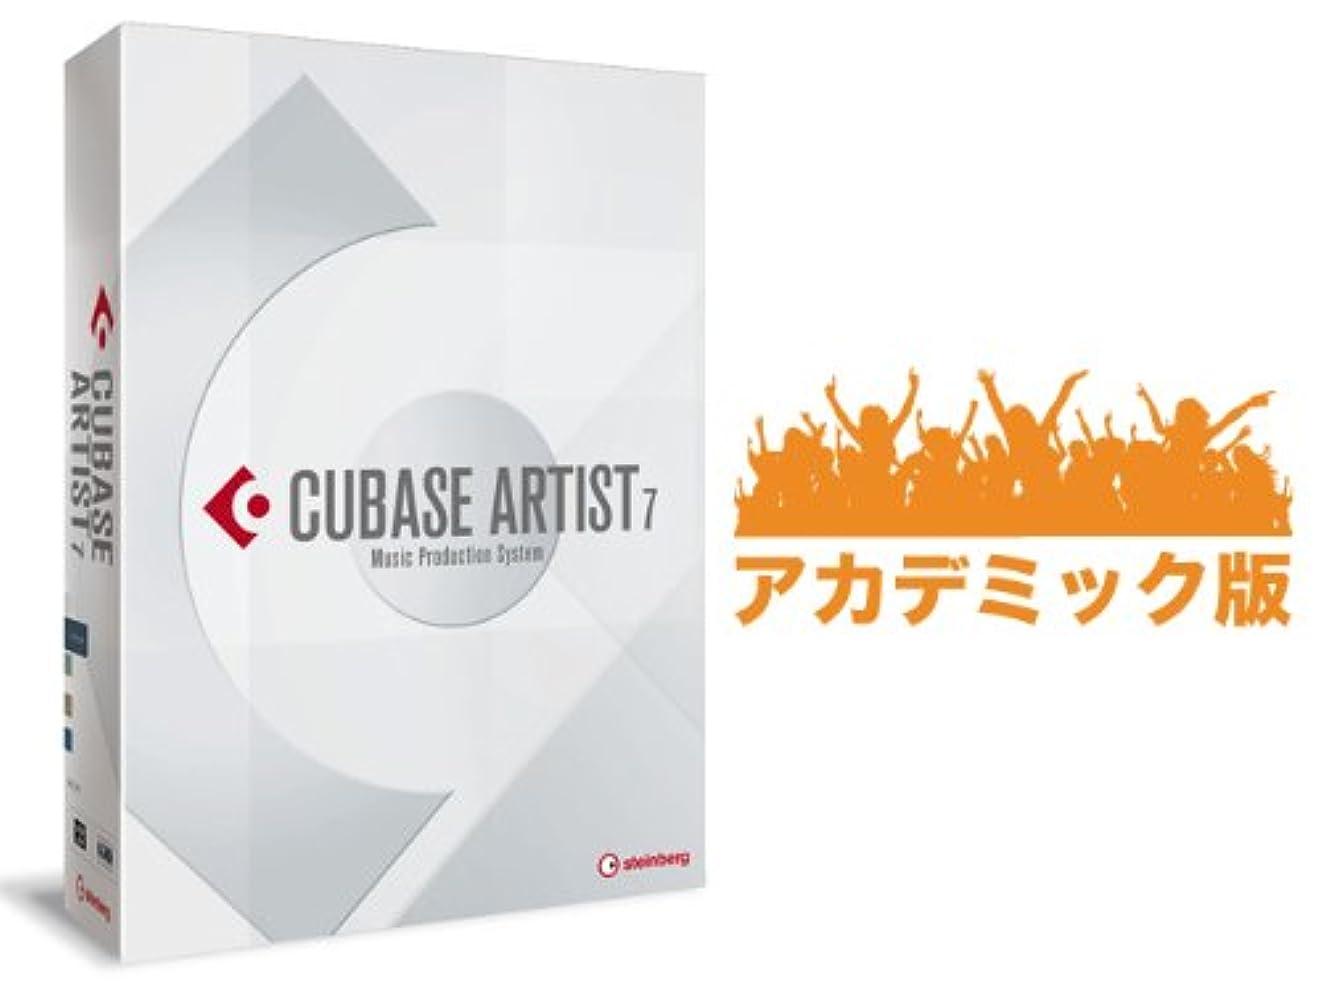 十分な好きバンドsteinberg Cubase Artist 7 アカデミック版 DTMソフト (スタインバーグ) 国内正規品